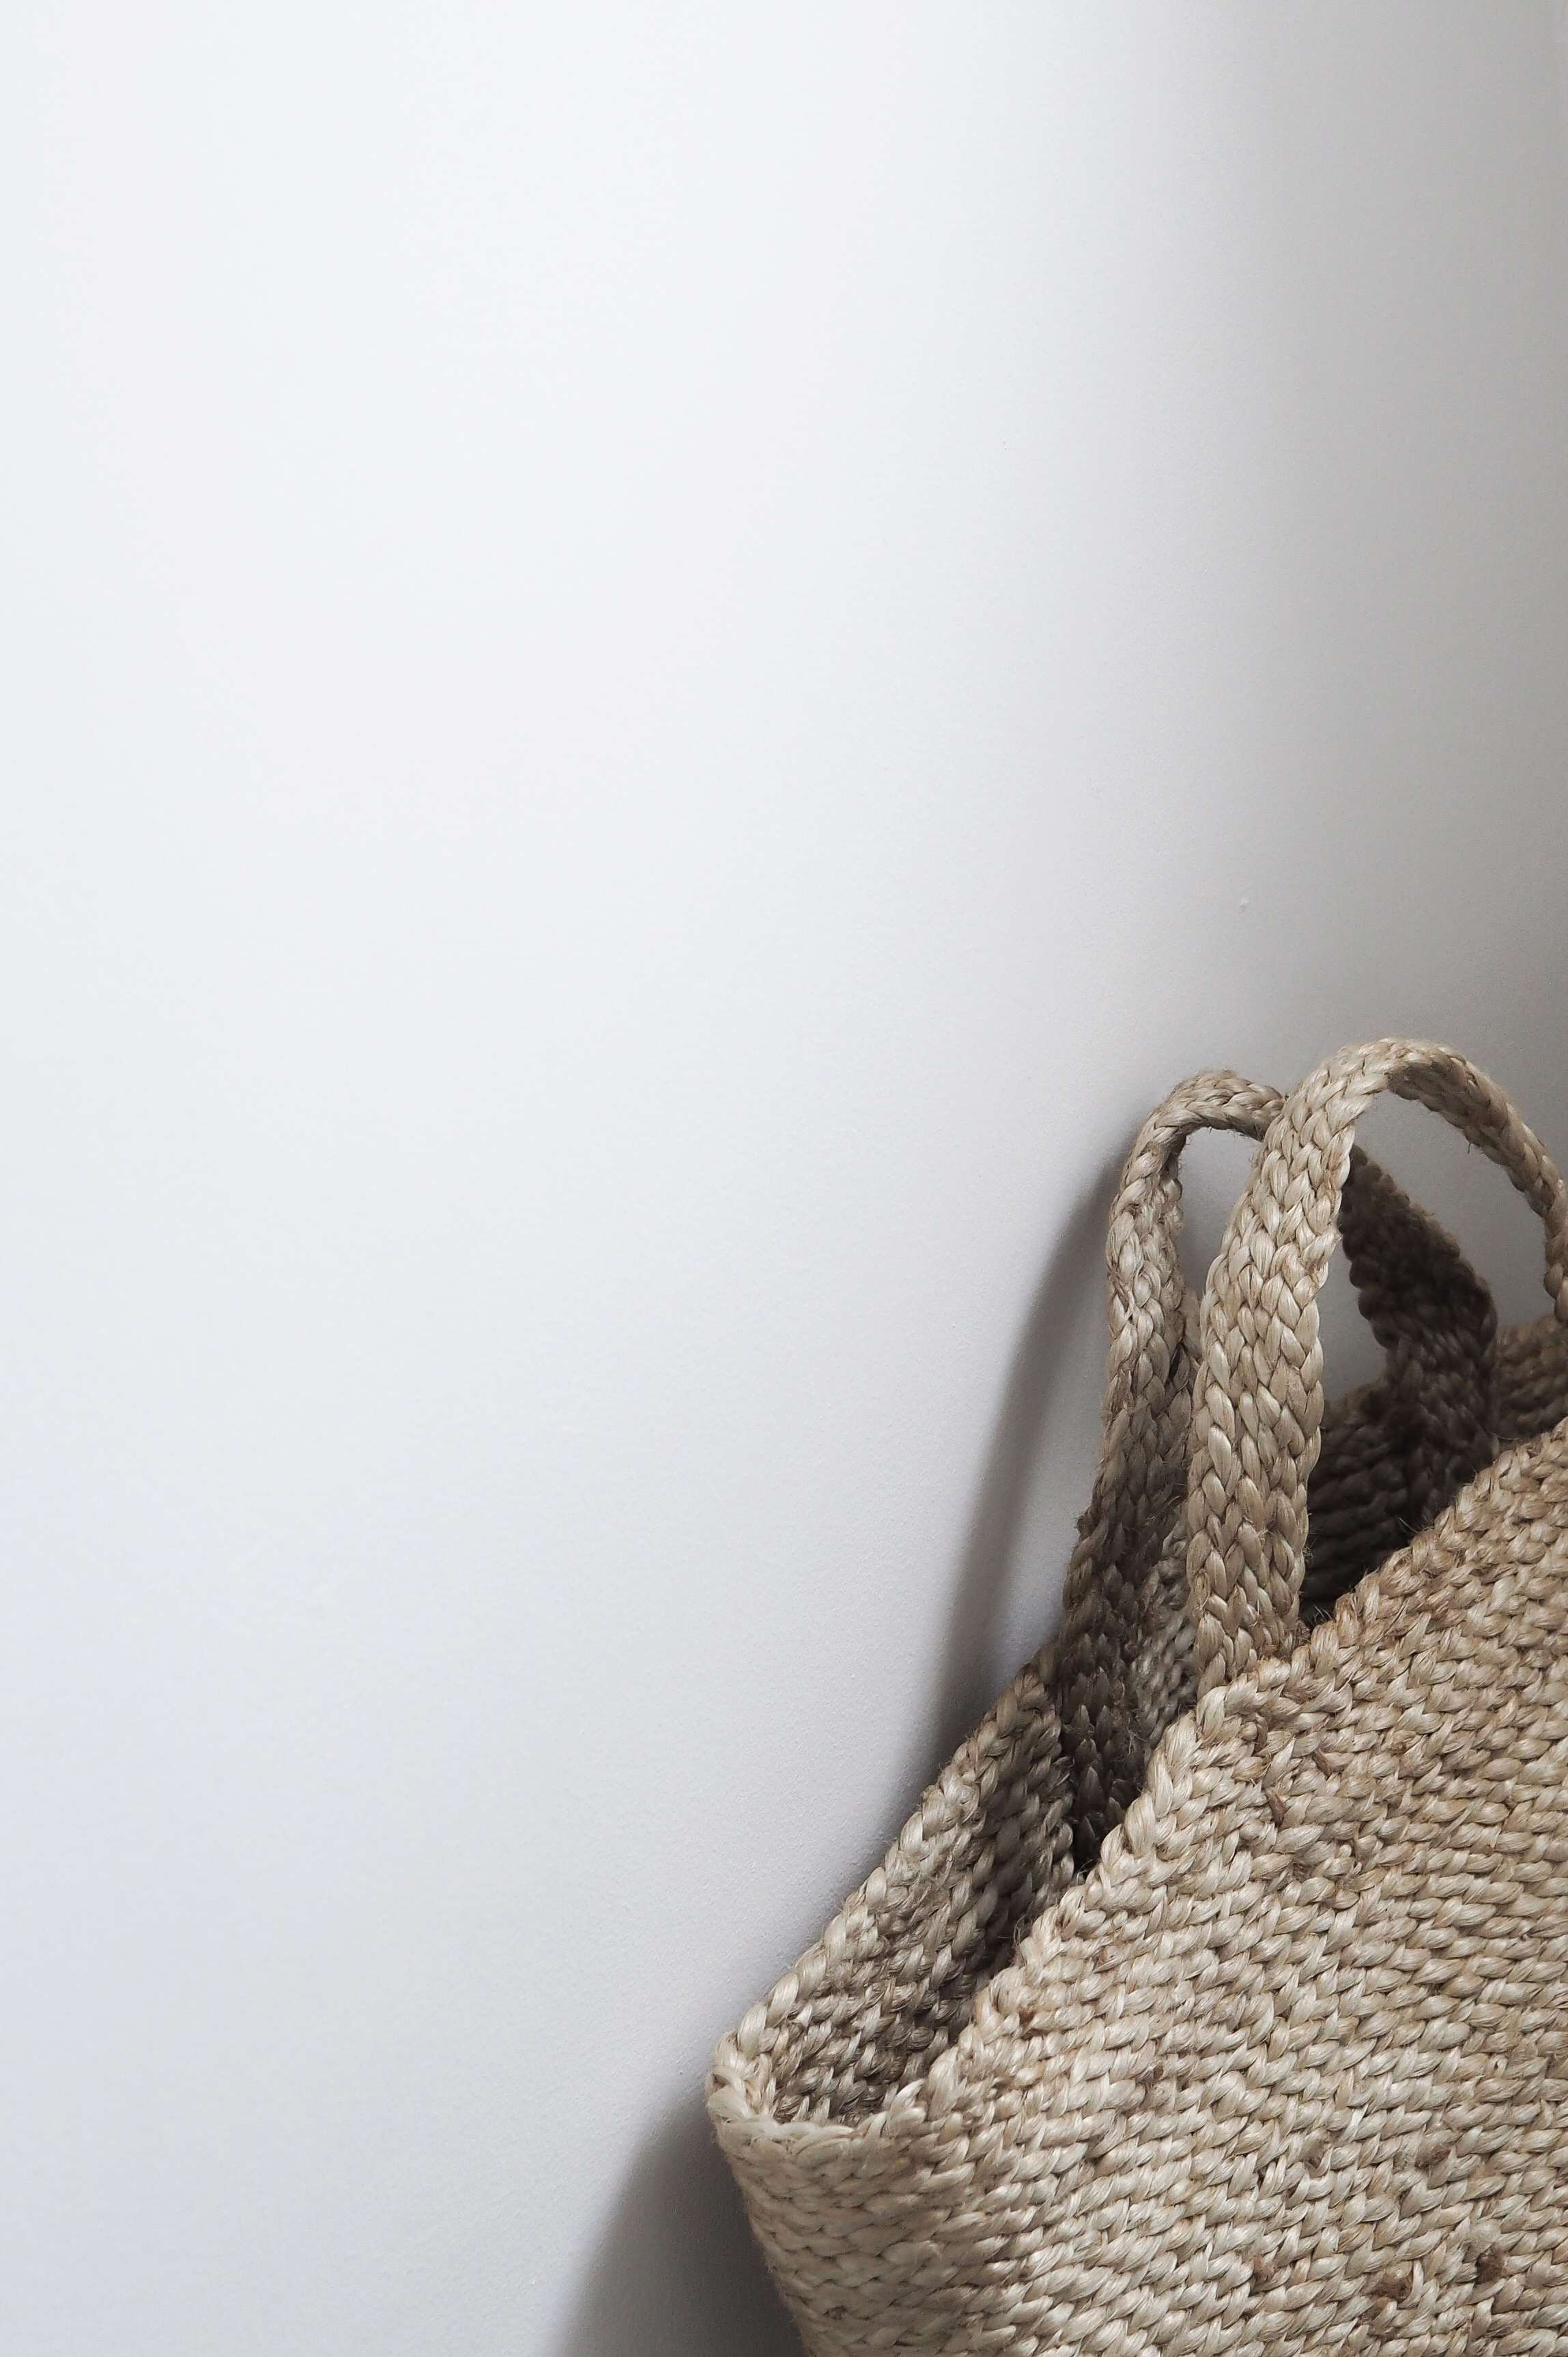 Woven Jute basket, Scandinavian design